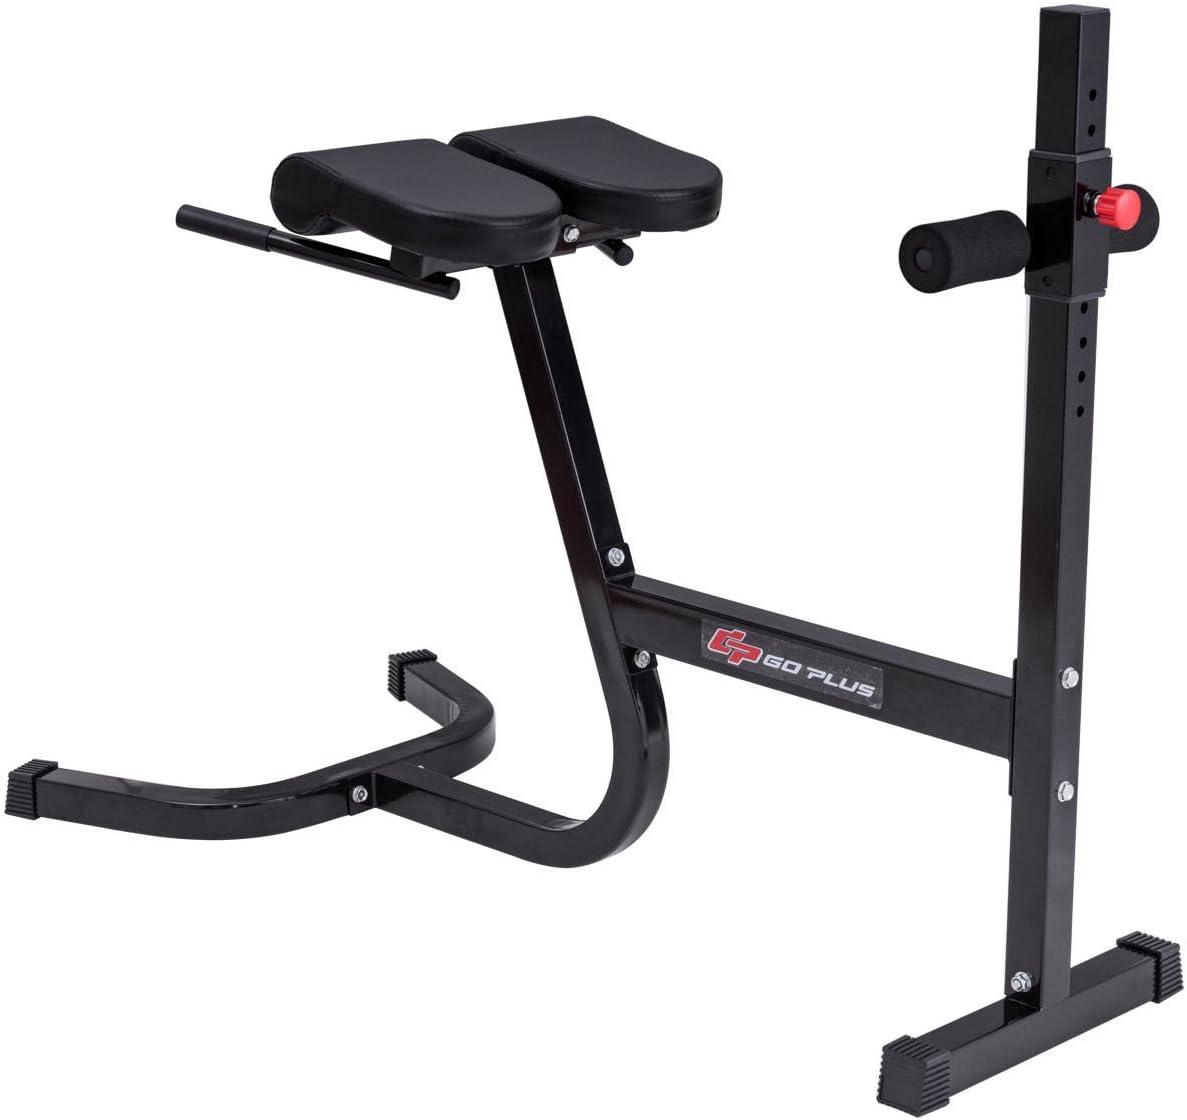 GOPLUS Banc à abdominaux réglable entraînement Utilitaire AB Incline Banc de Musculation Plat 8-Position Capacité de 199,6Kilogram